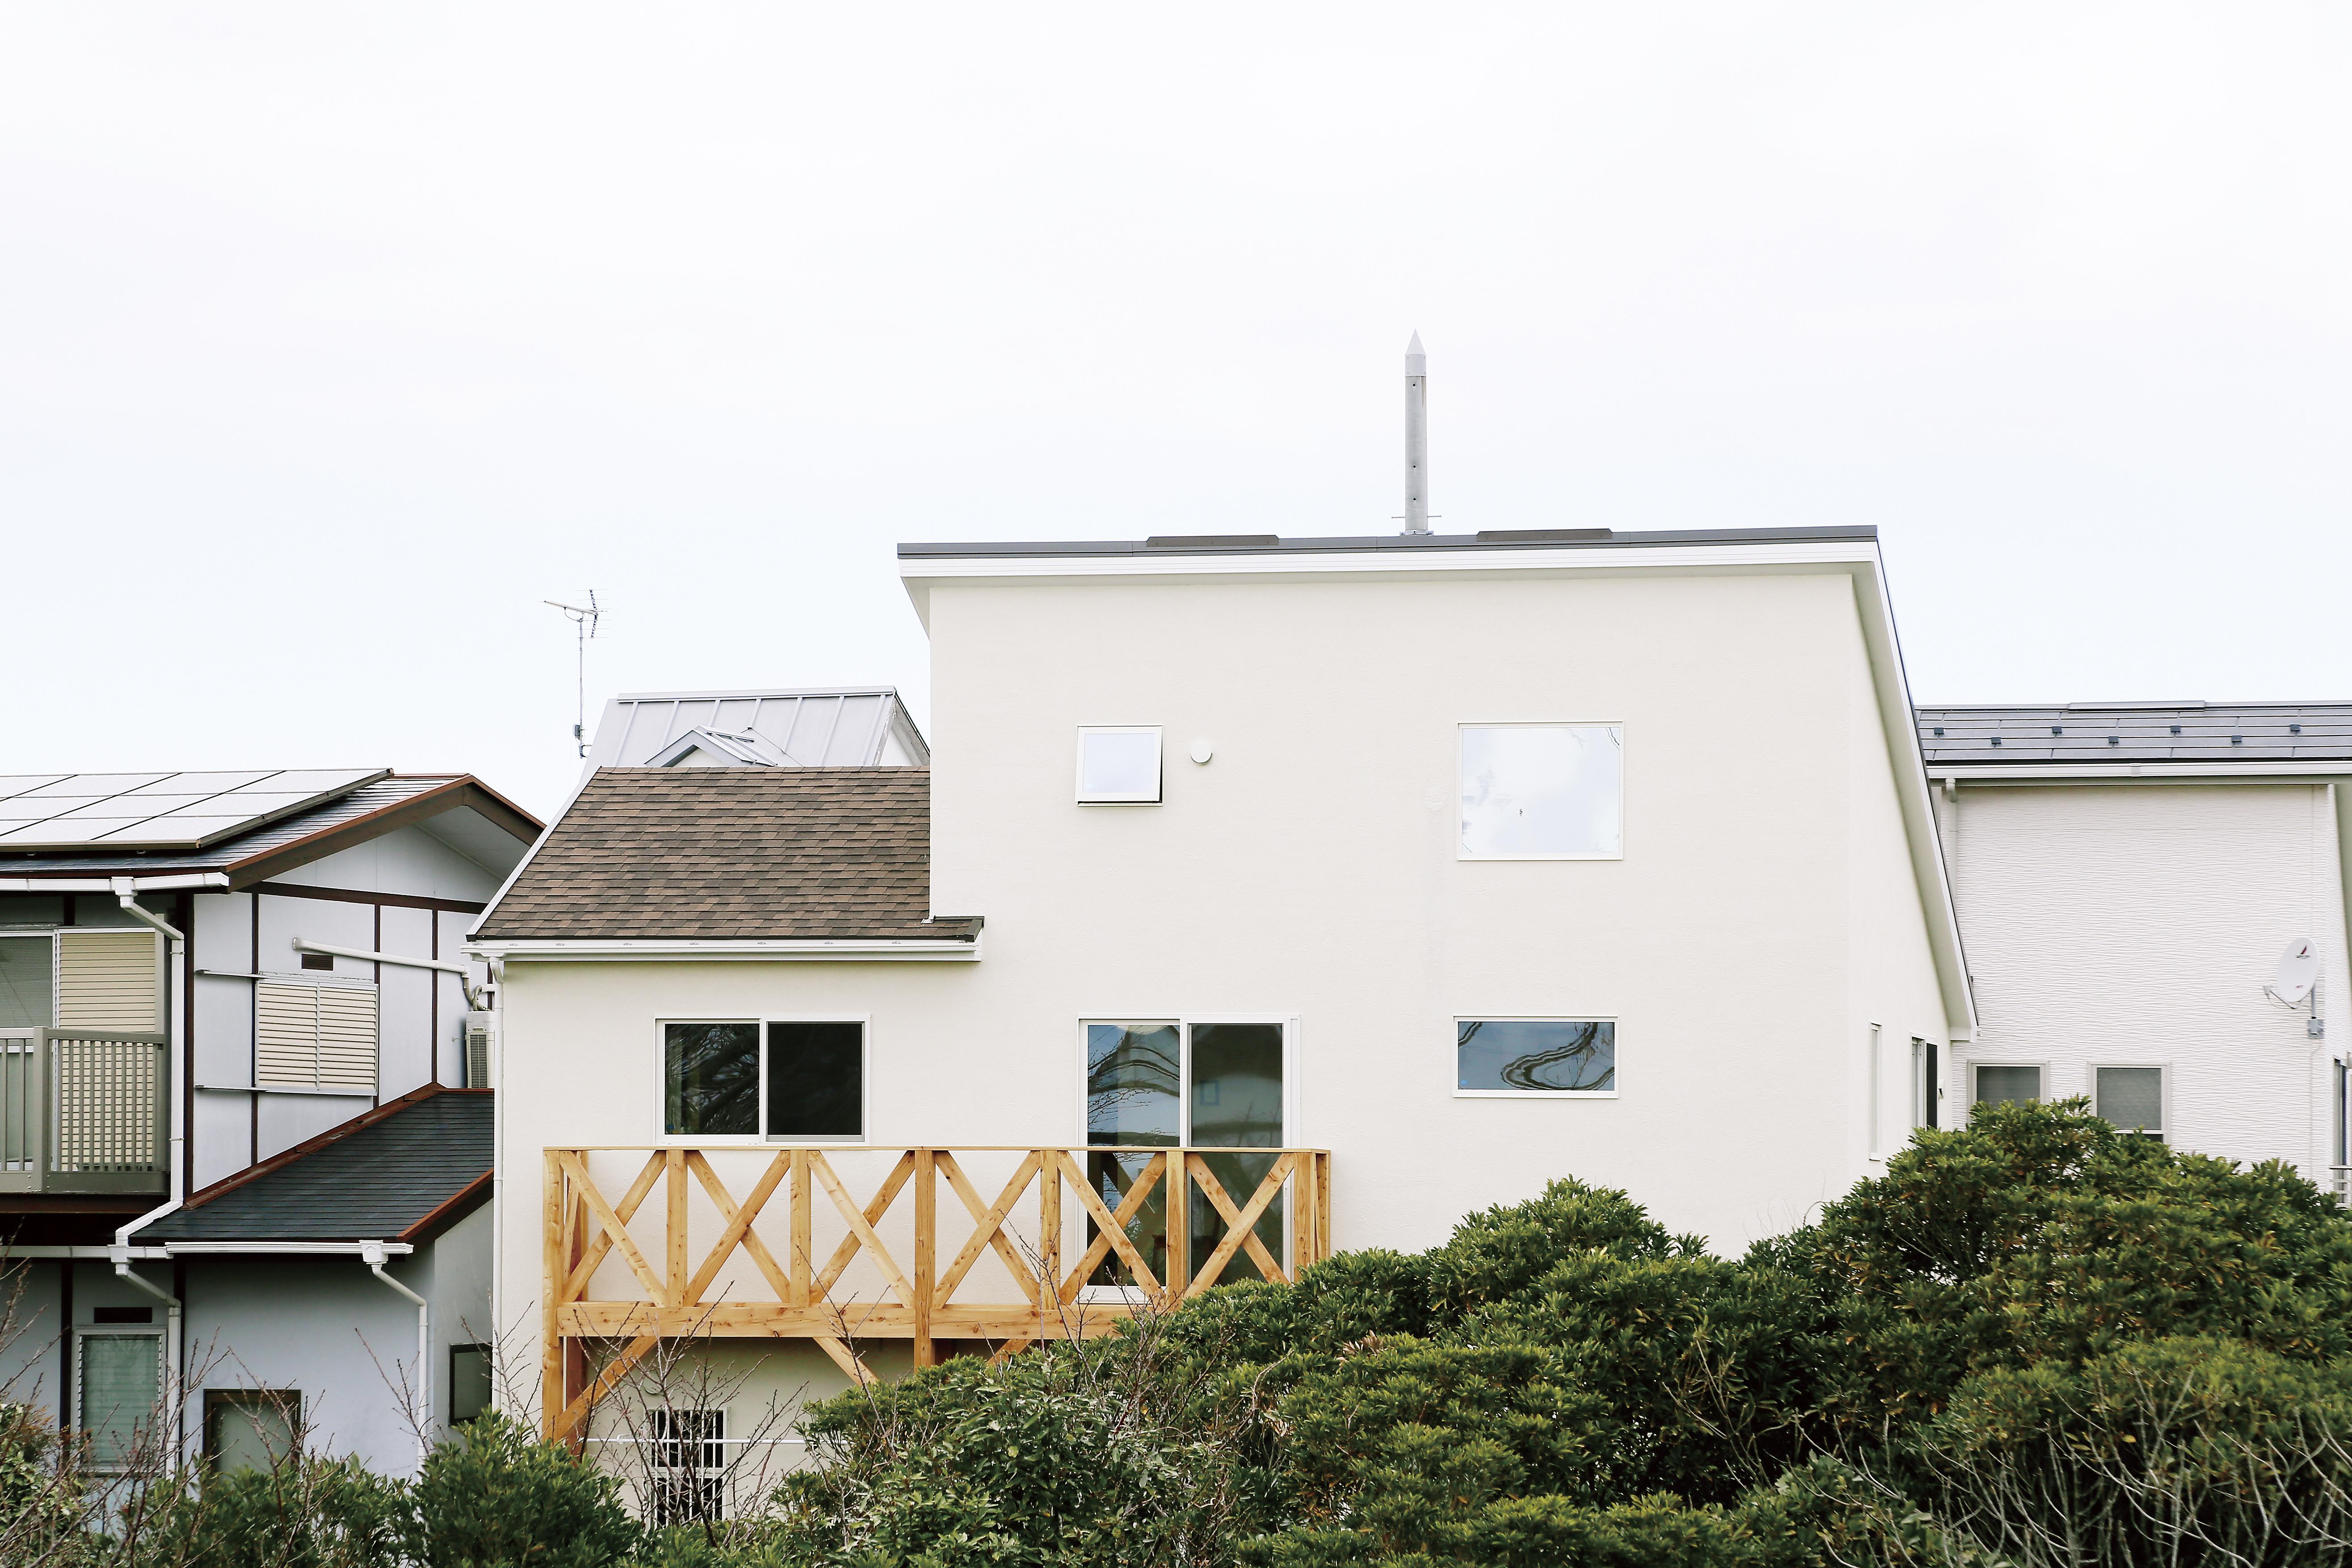 横須賀市に建つ緑に囲まれた家にようこそ